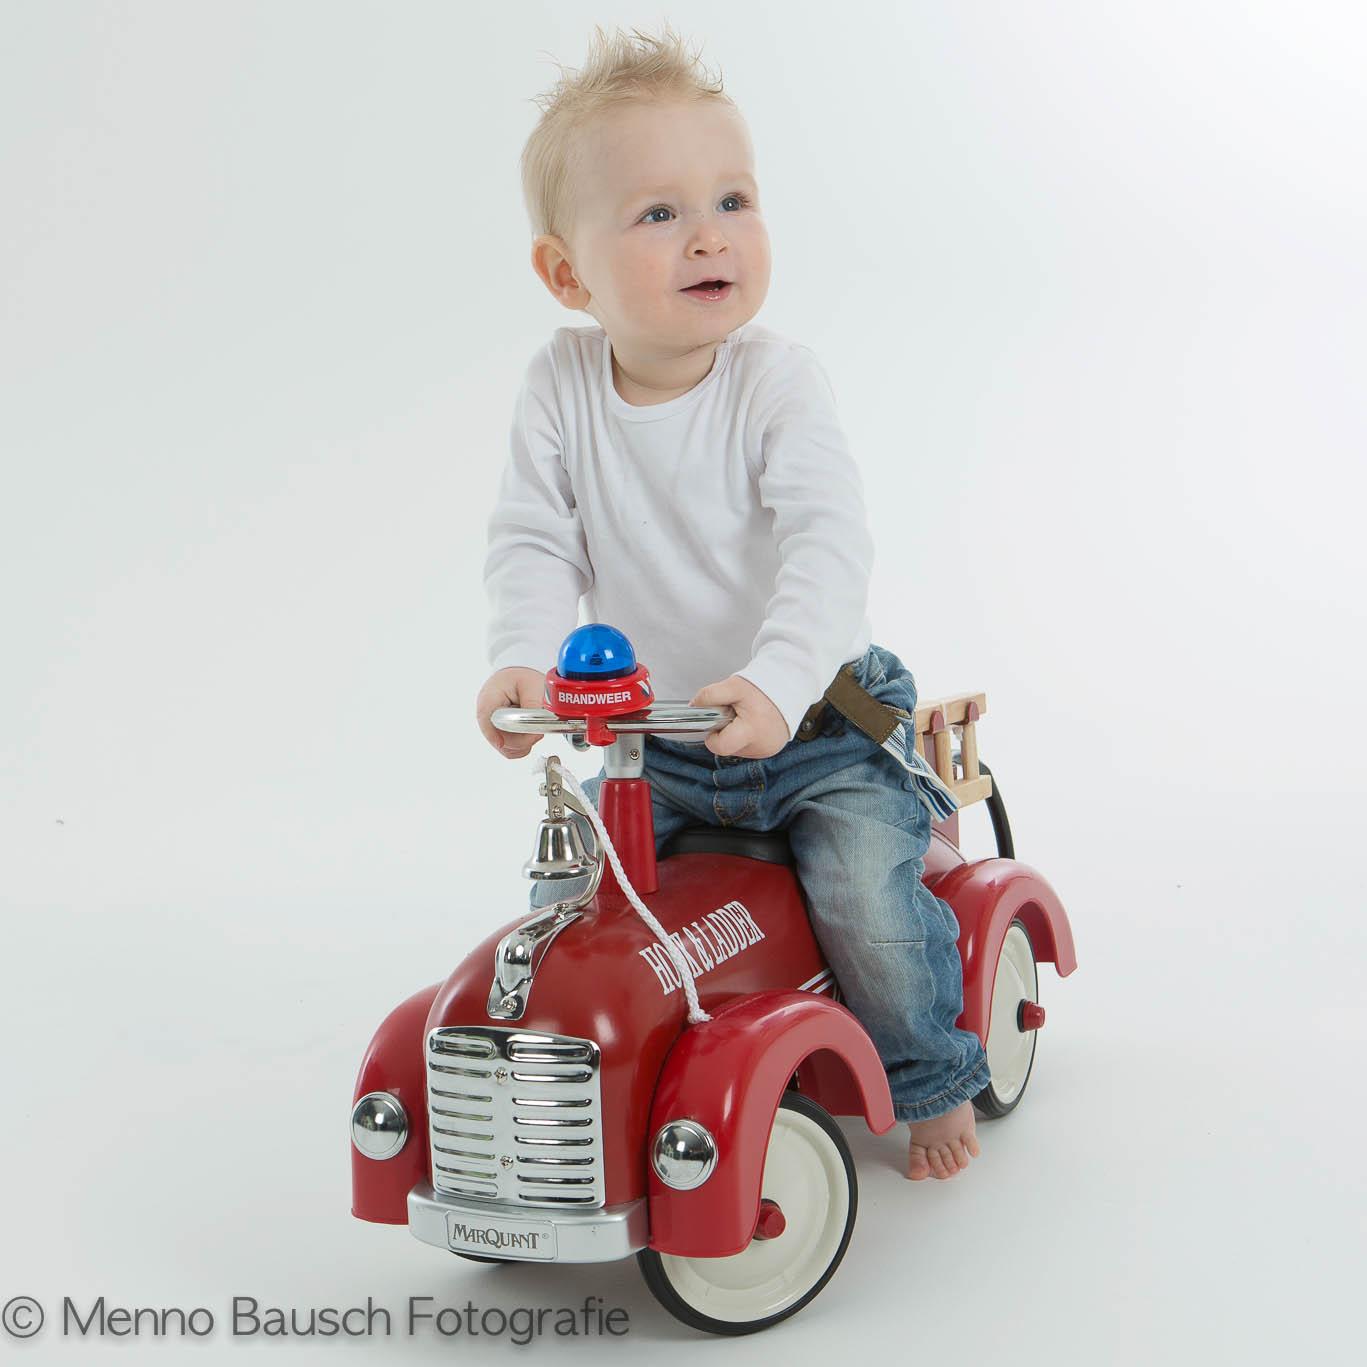 Menno Bausch Fotografie20-2